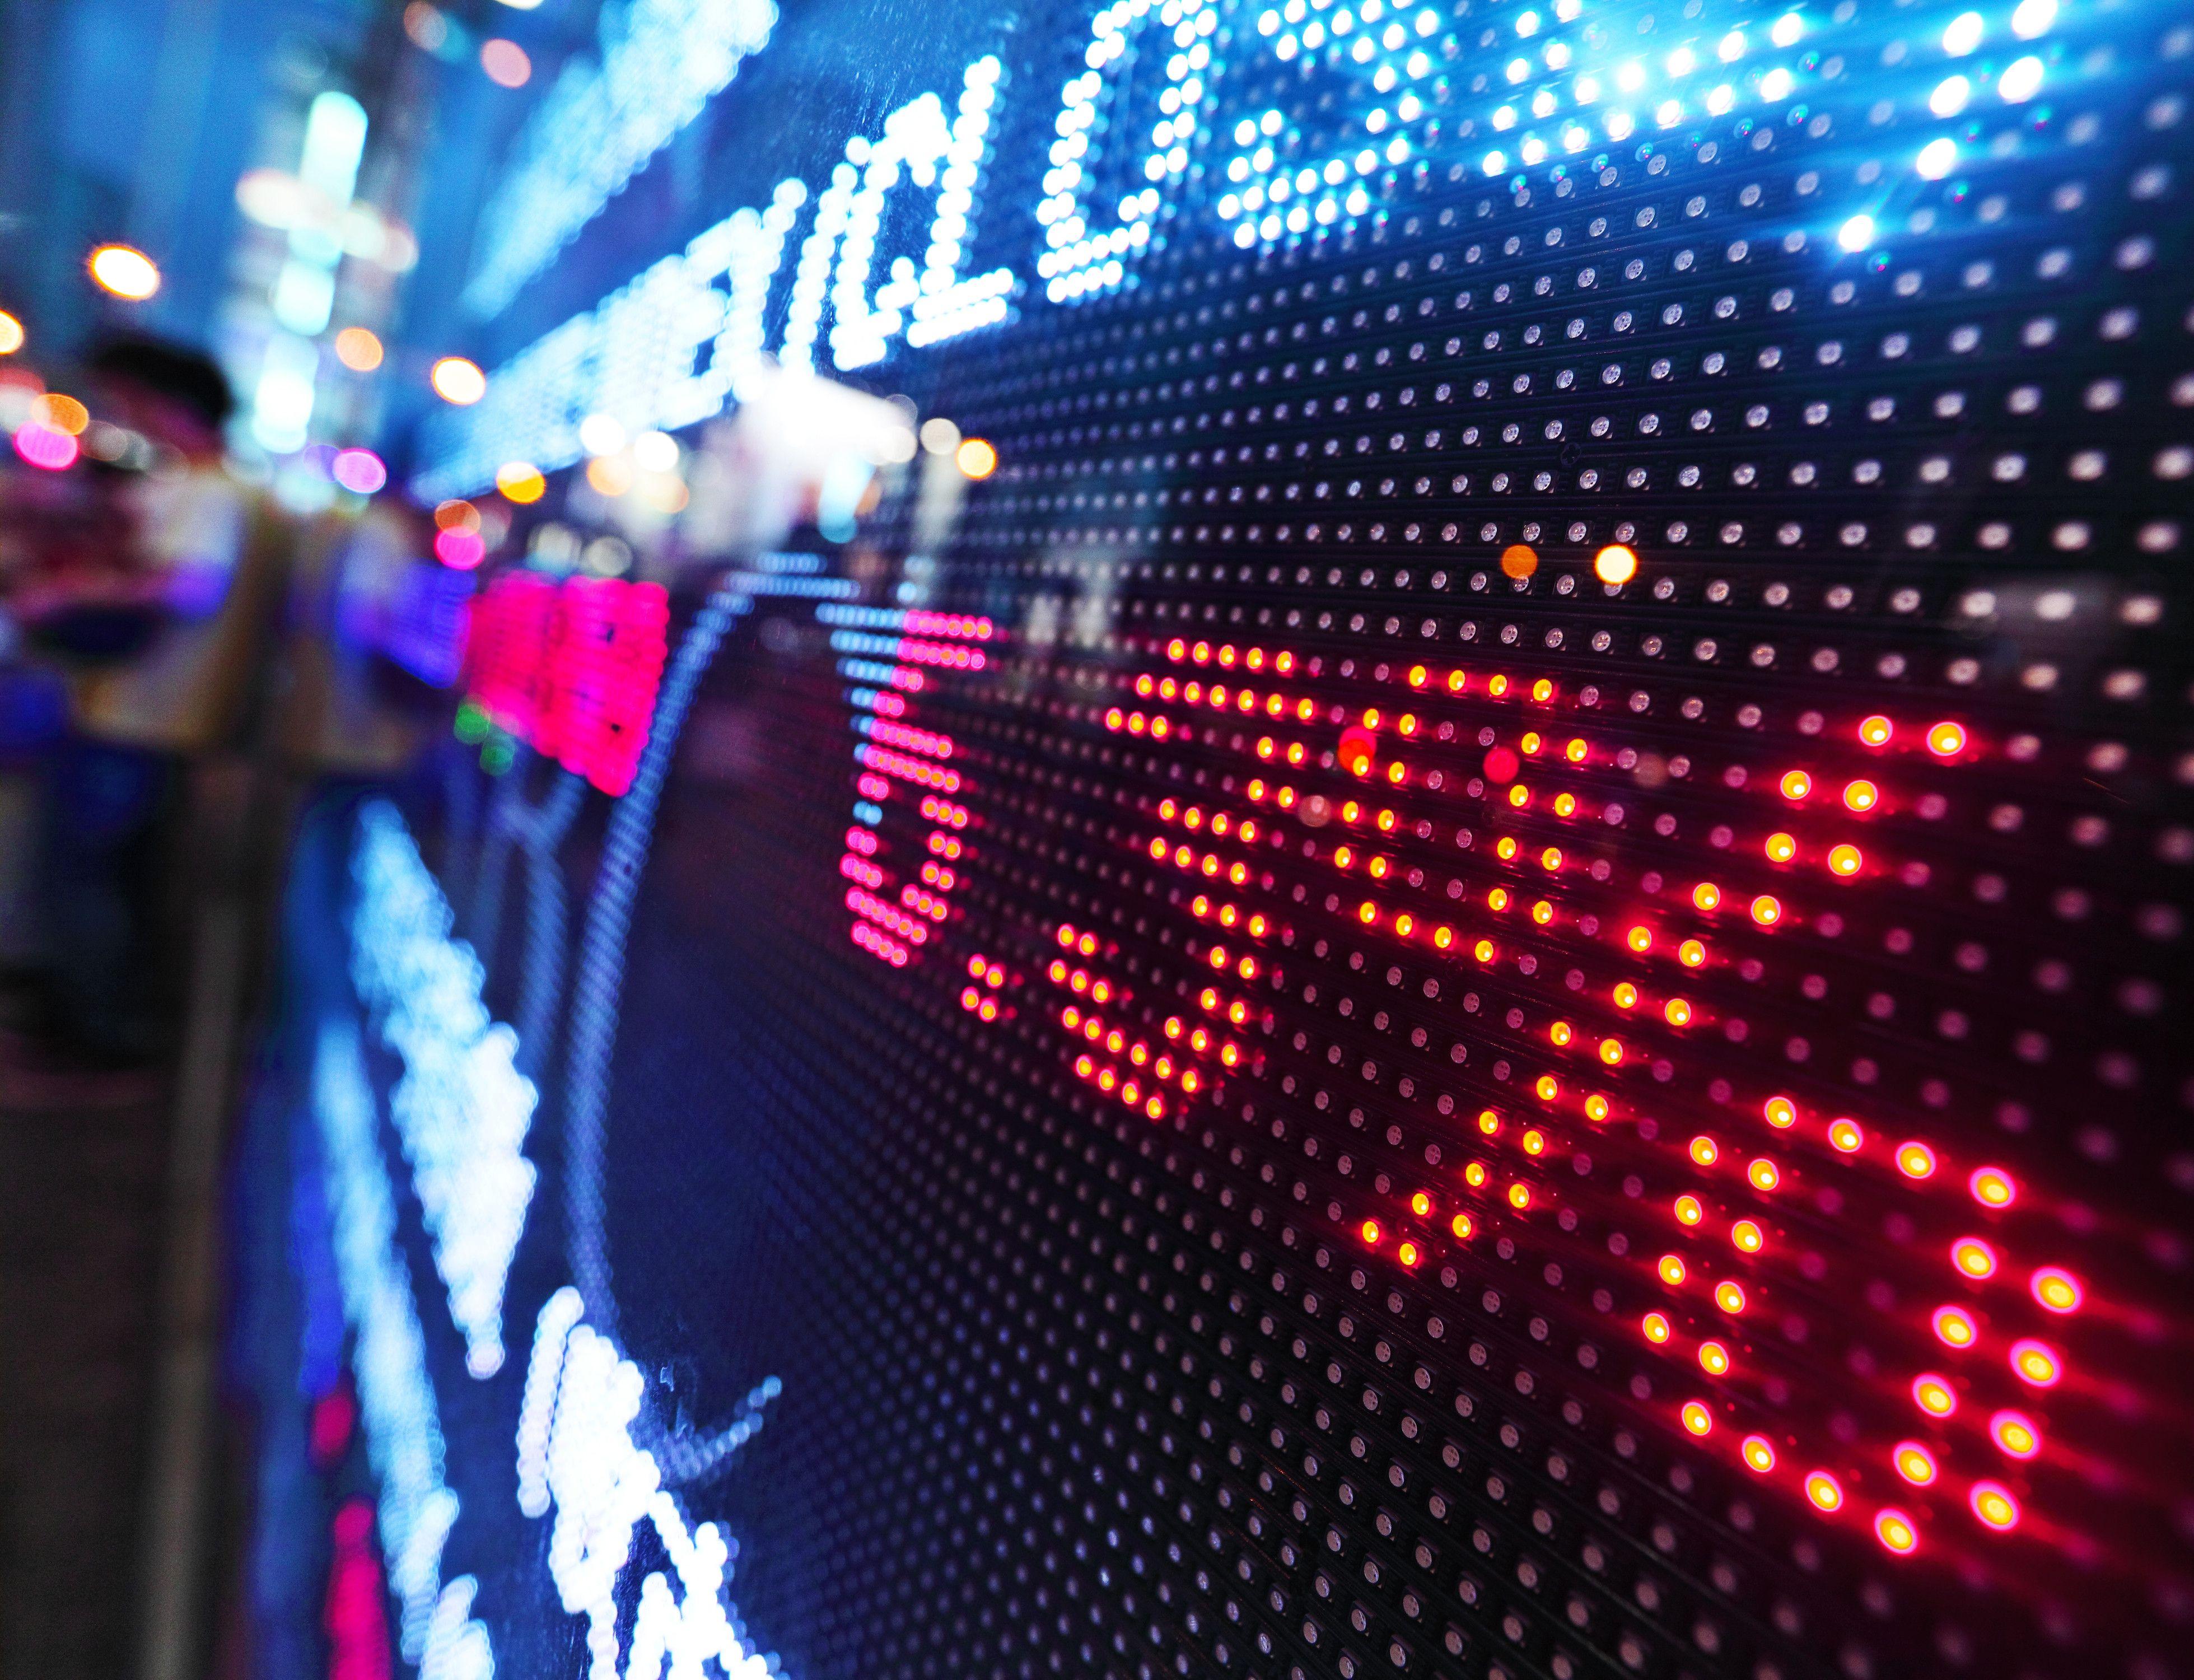 Lietuvos rinkoje – naujas finansų tarpininkas, kuriam vadovauja buvęs bankininkas